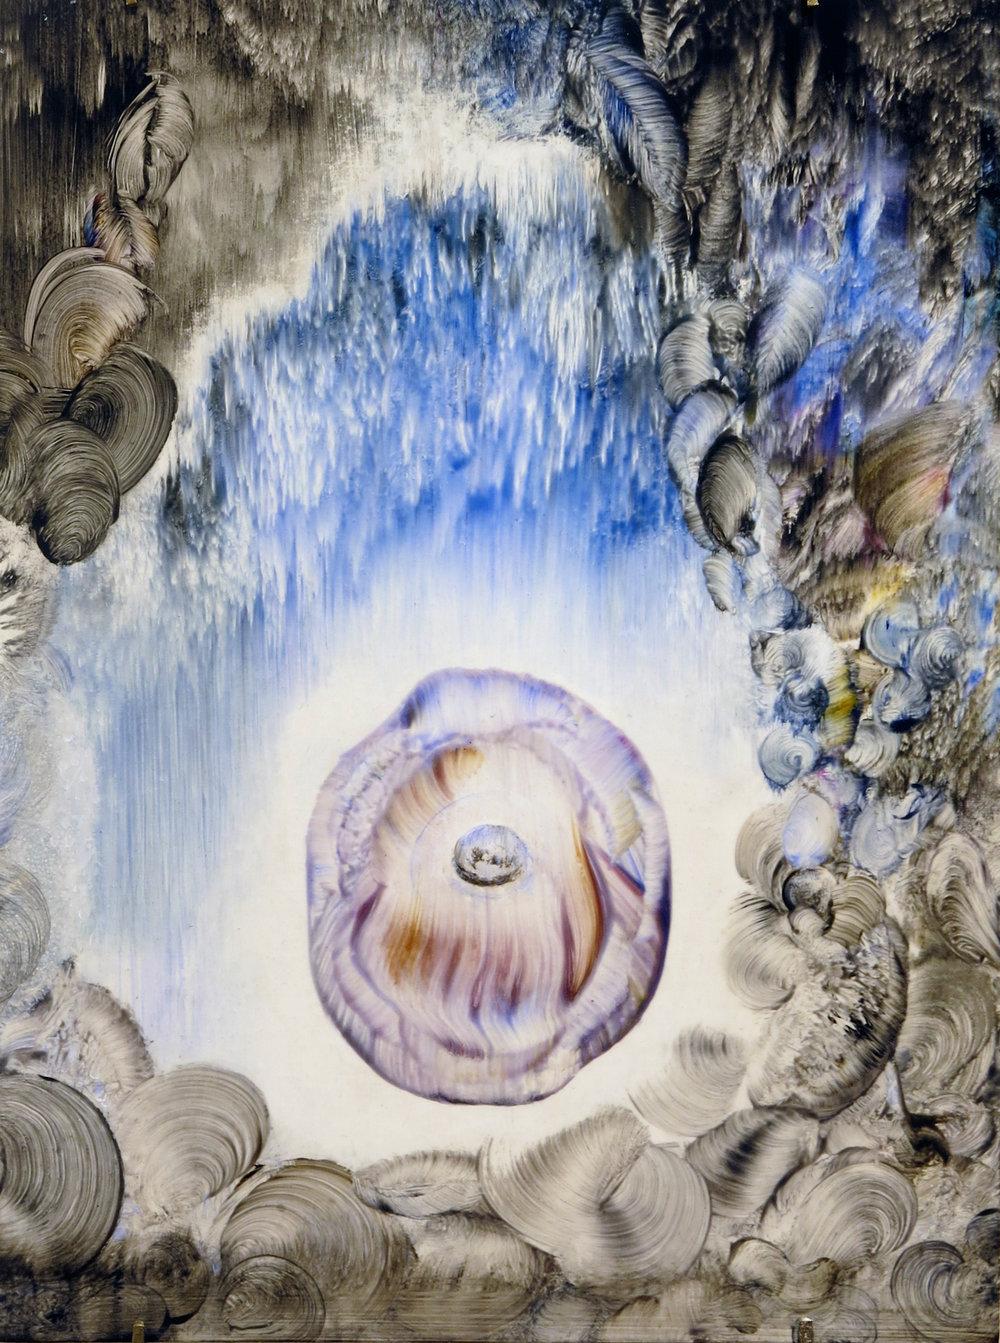 Shawn Spencer, Egg-Eye, 2017, Acrylic on board, 12h x 9w in.